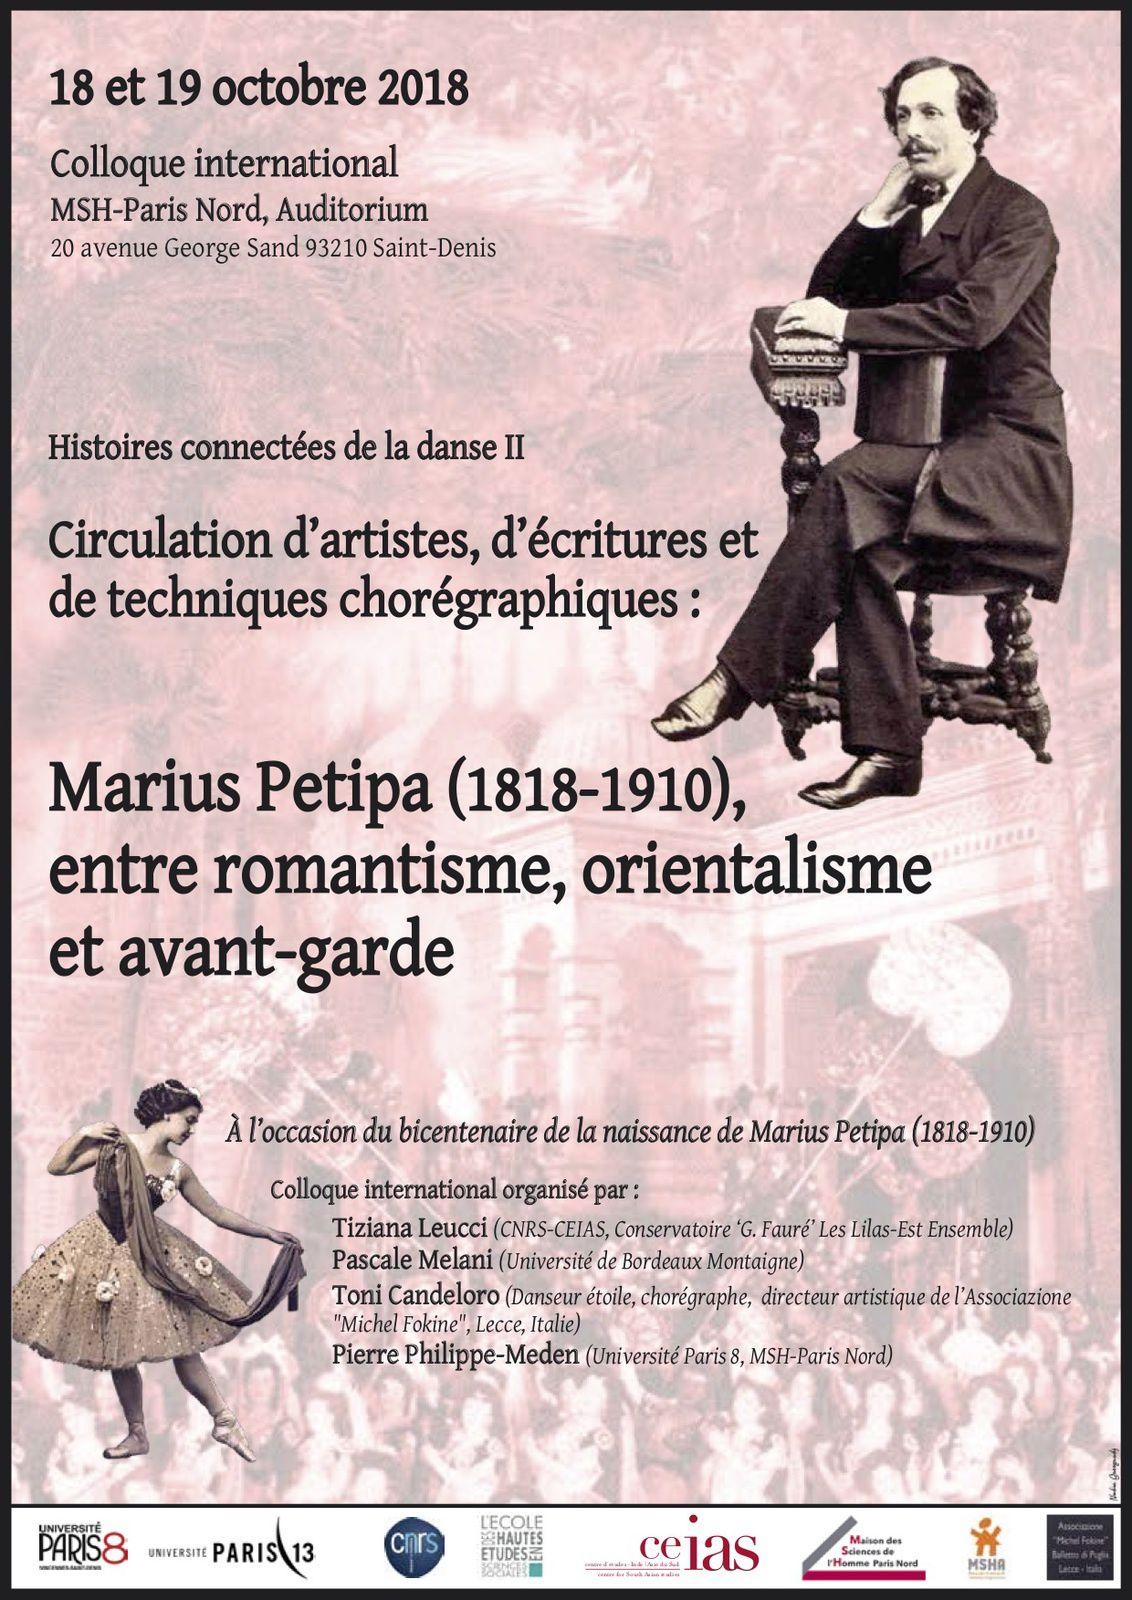 Marius Petipa (1818-1910), entre romantisme, orientalisme et avant-garde